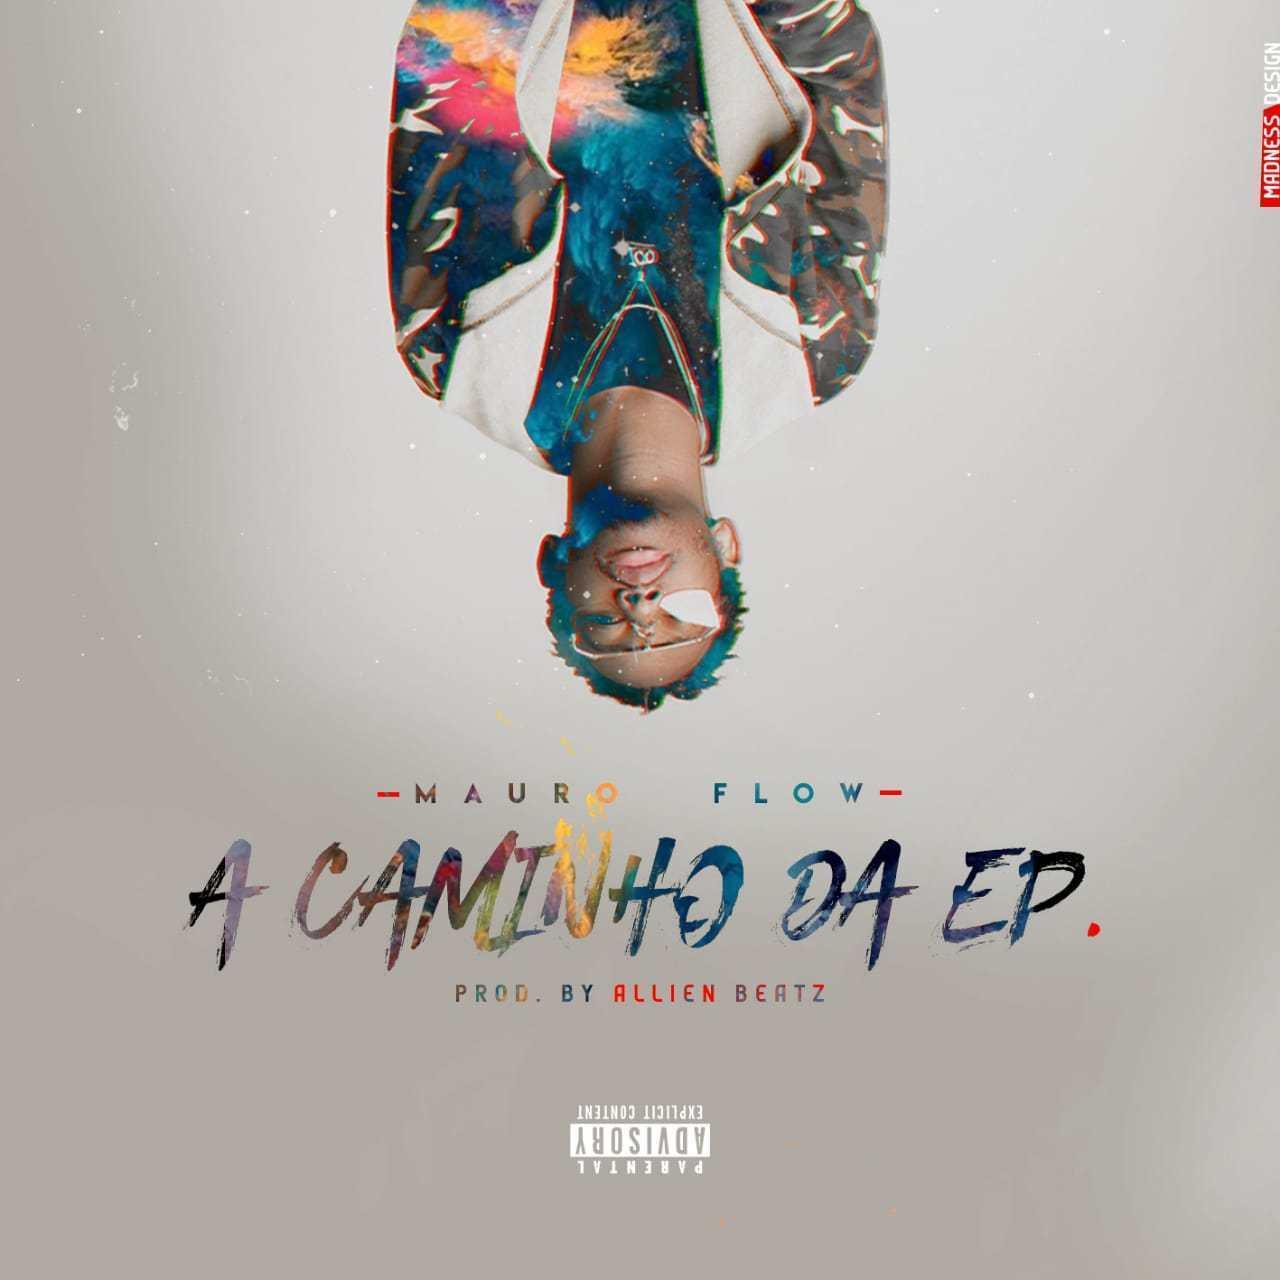 Mauro Flow – A Caminho (Freestyle )